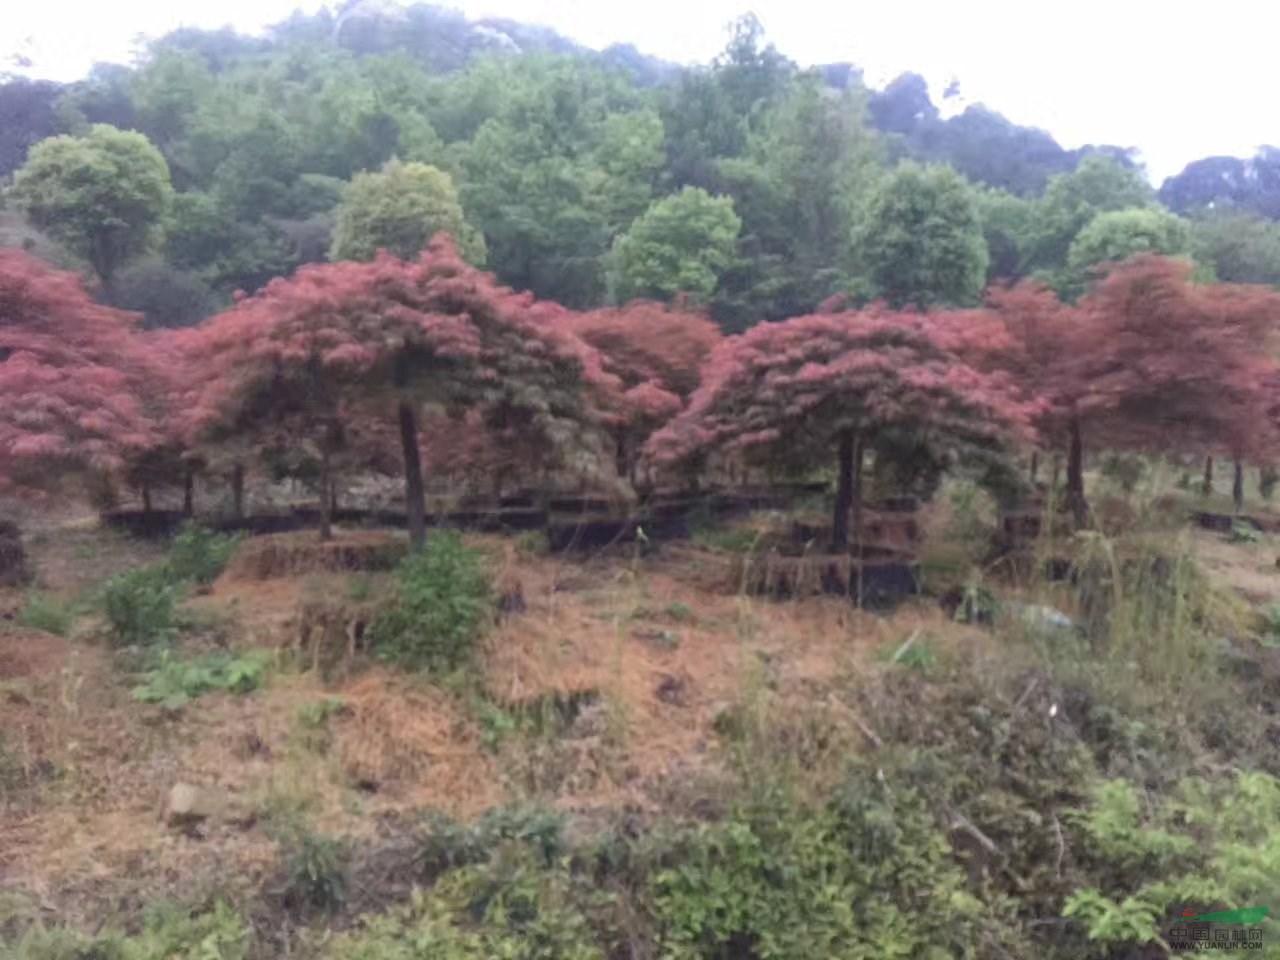 浙江地区造型羽毛枫6-12公分,高杆和原生苗羽毛枫,飘逸自然